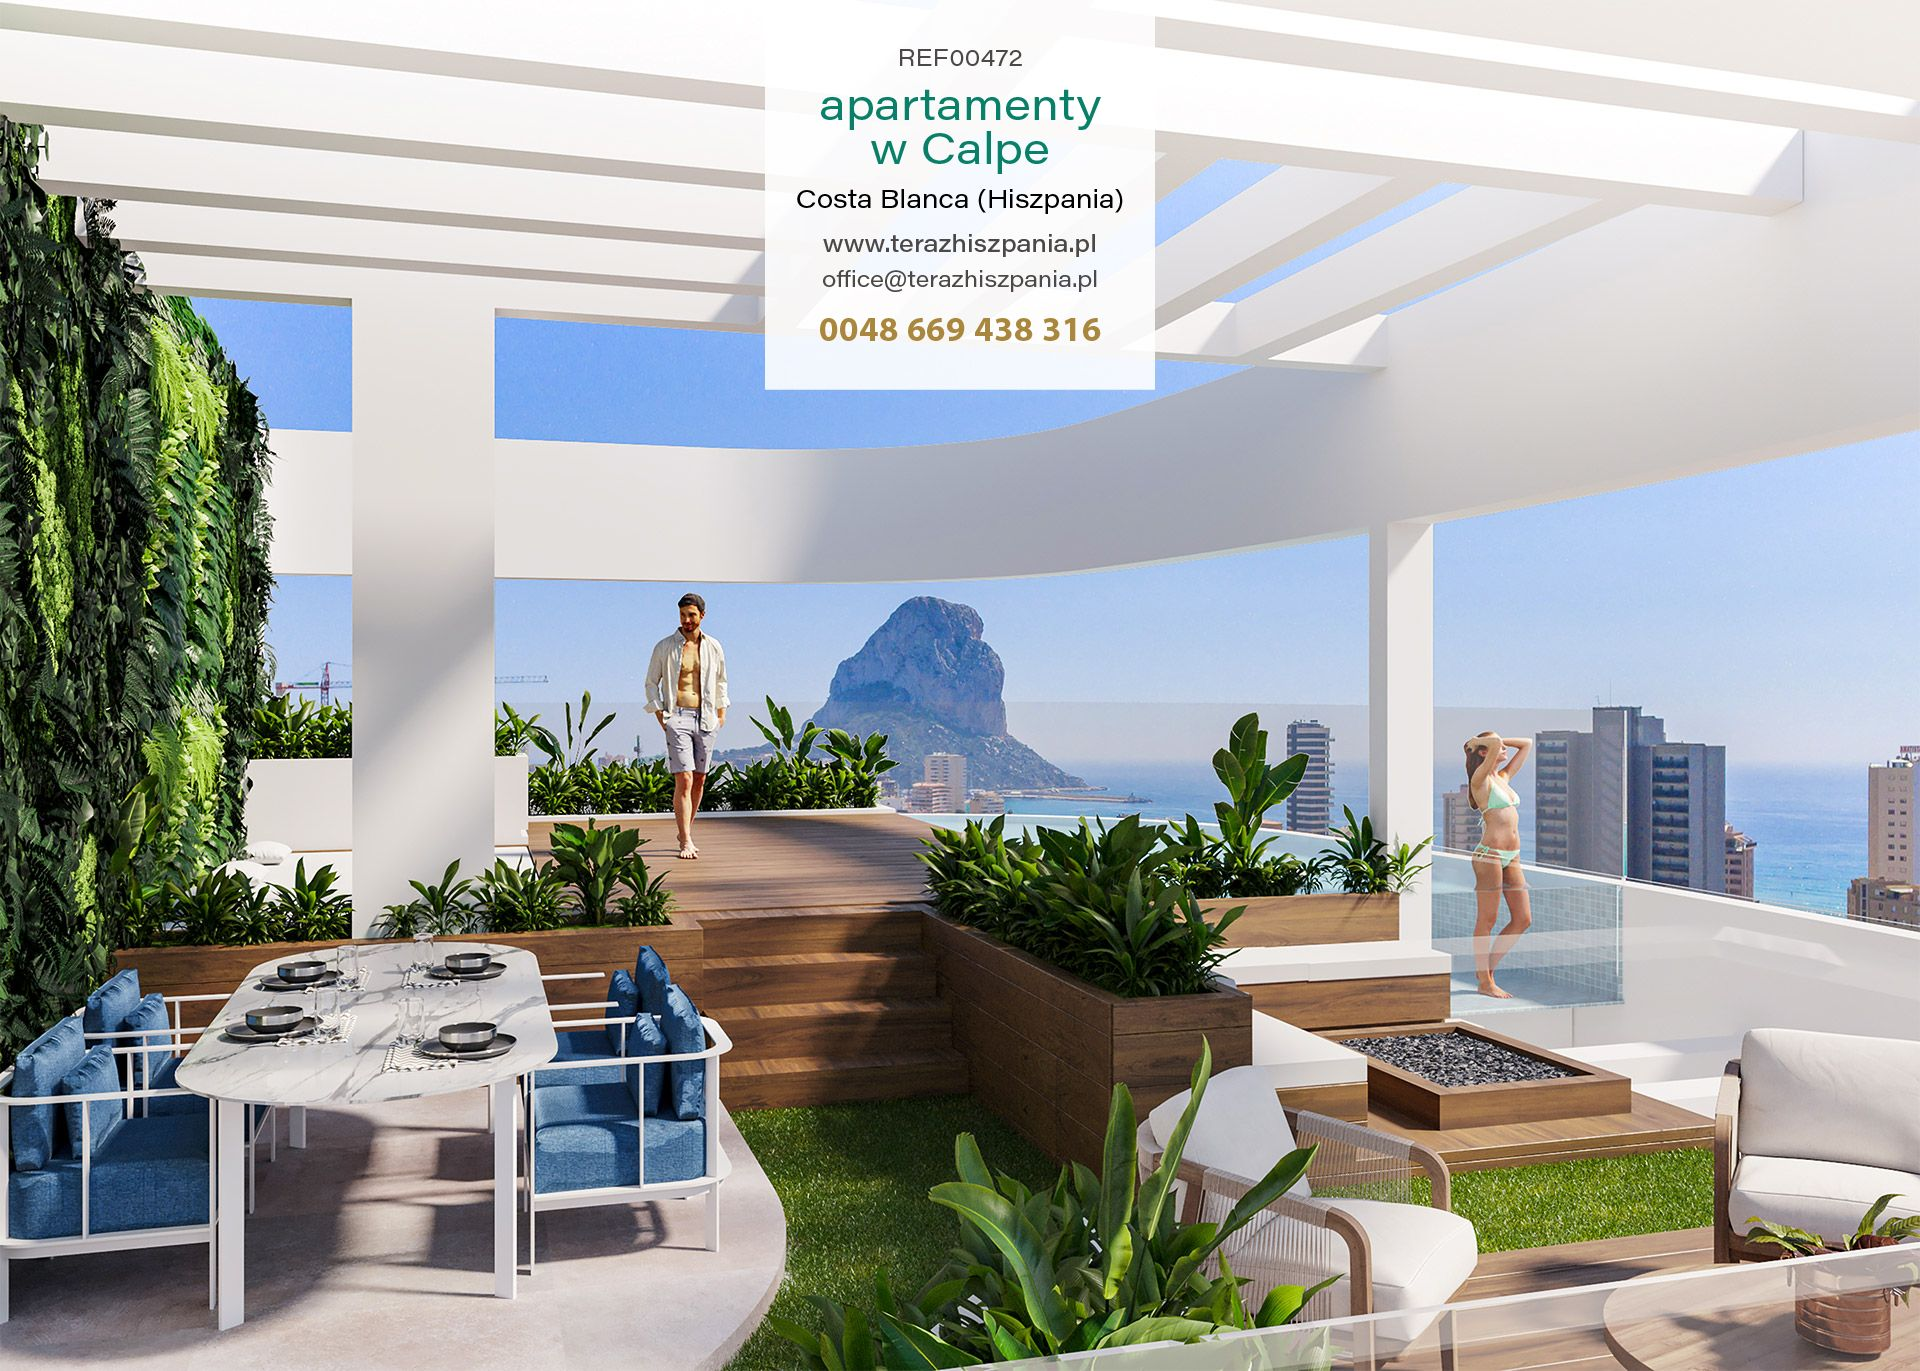 REF00472 Nowe apartamenty na sprzedaż w Hiszpanii, miejscowość Calpe na wybrzeżu Costa Blanca.